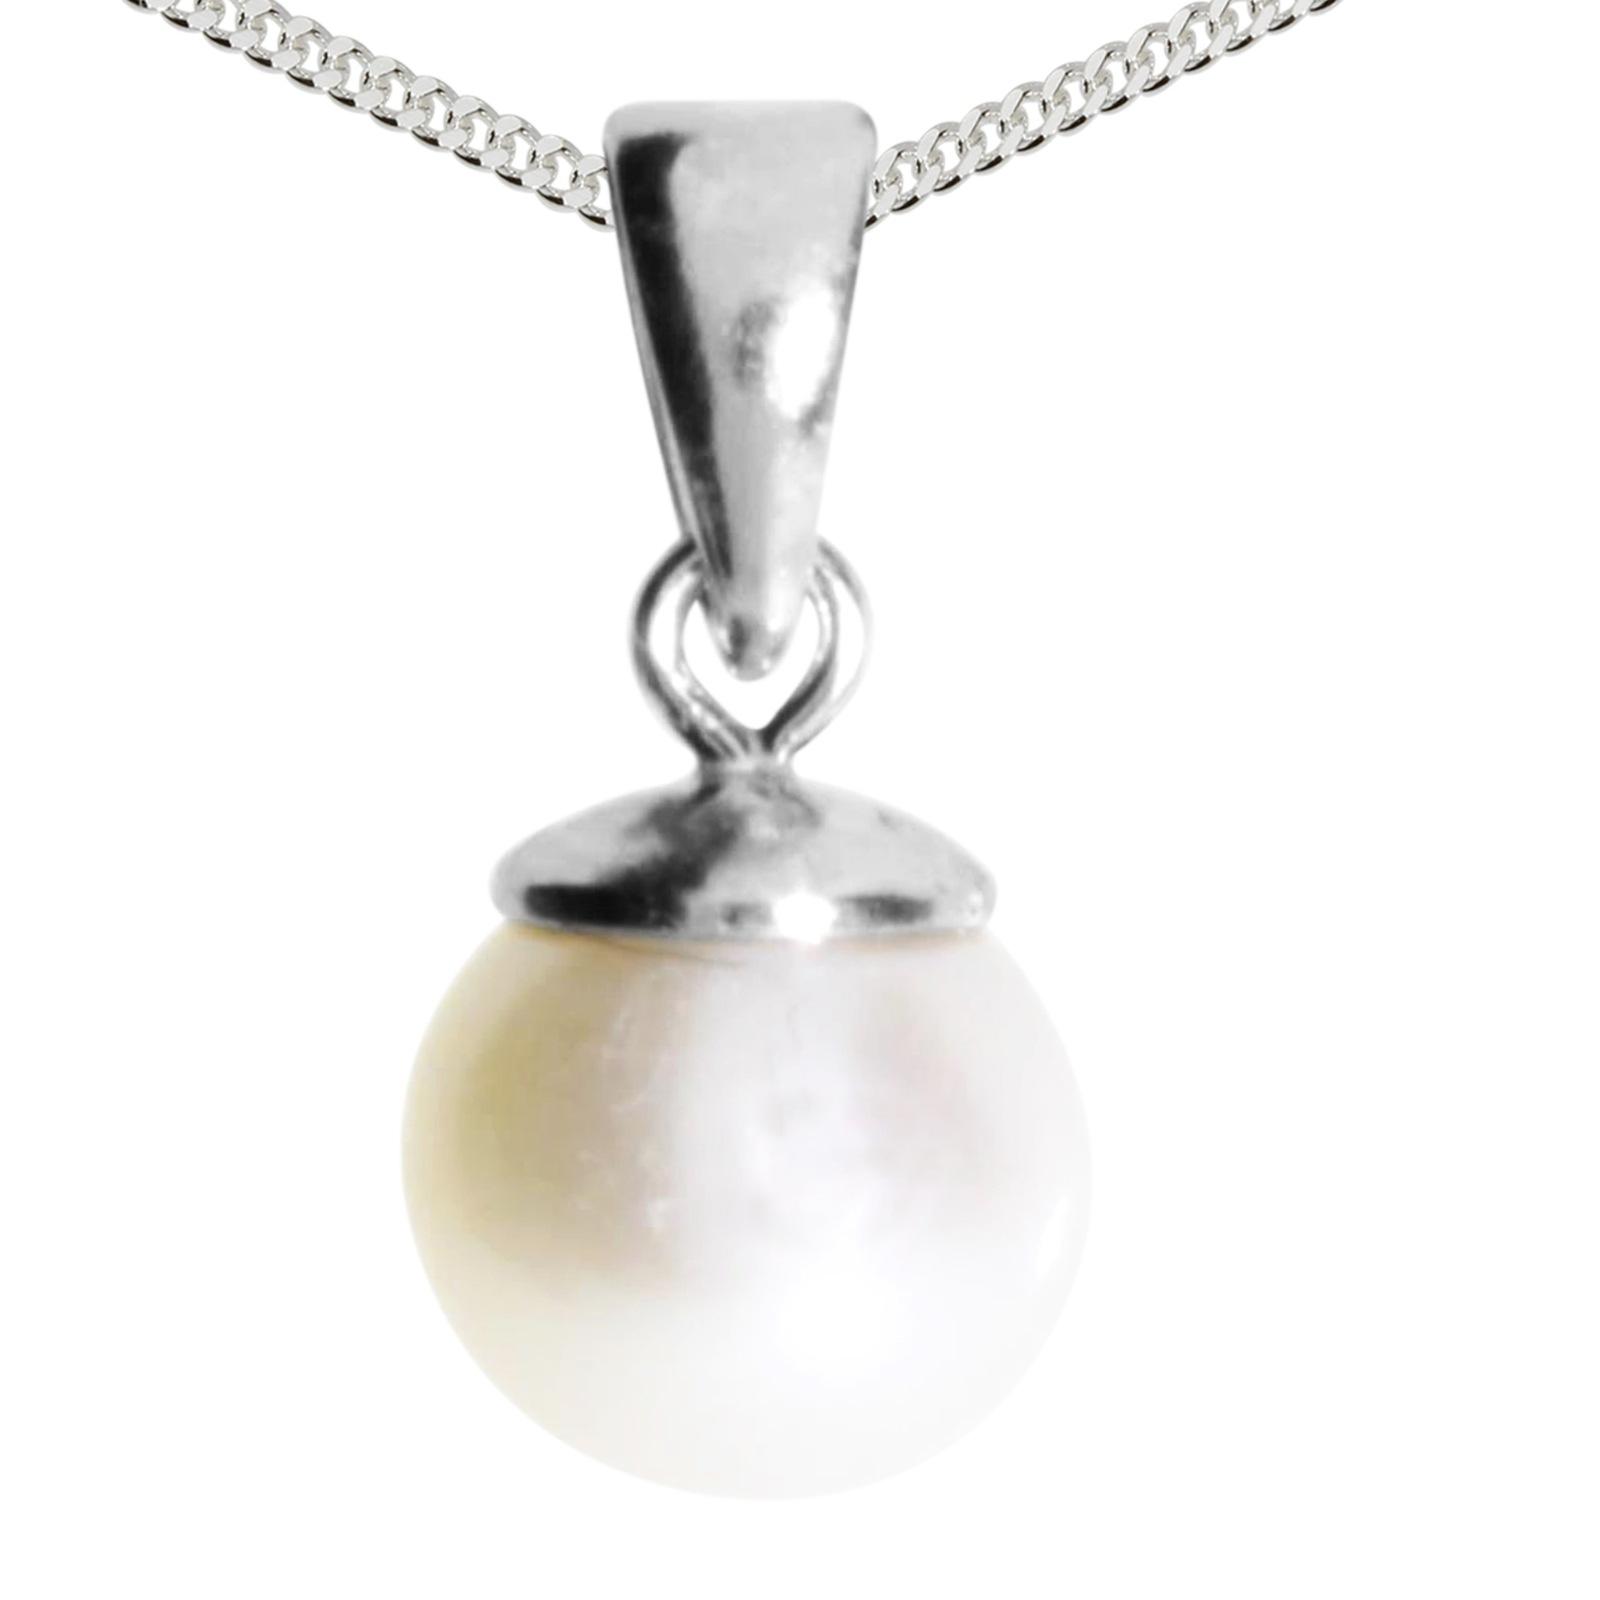 OSTSEE-SCHMUCK Kette mit Anhänger Ingrid 6 - Silber 925/000 | Schmuck > Halsketten > Silberketten | Ostsee-Schmuck